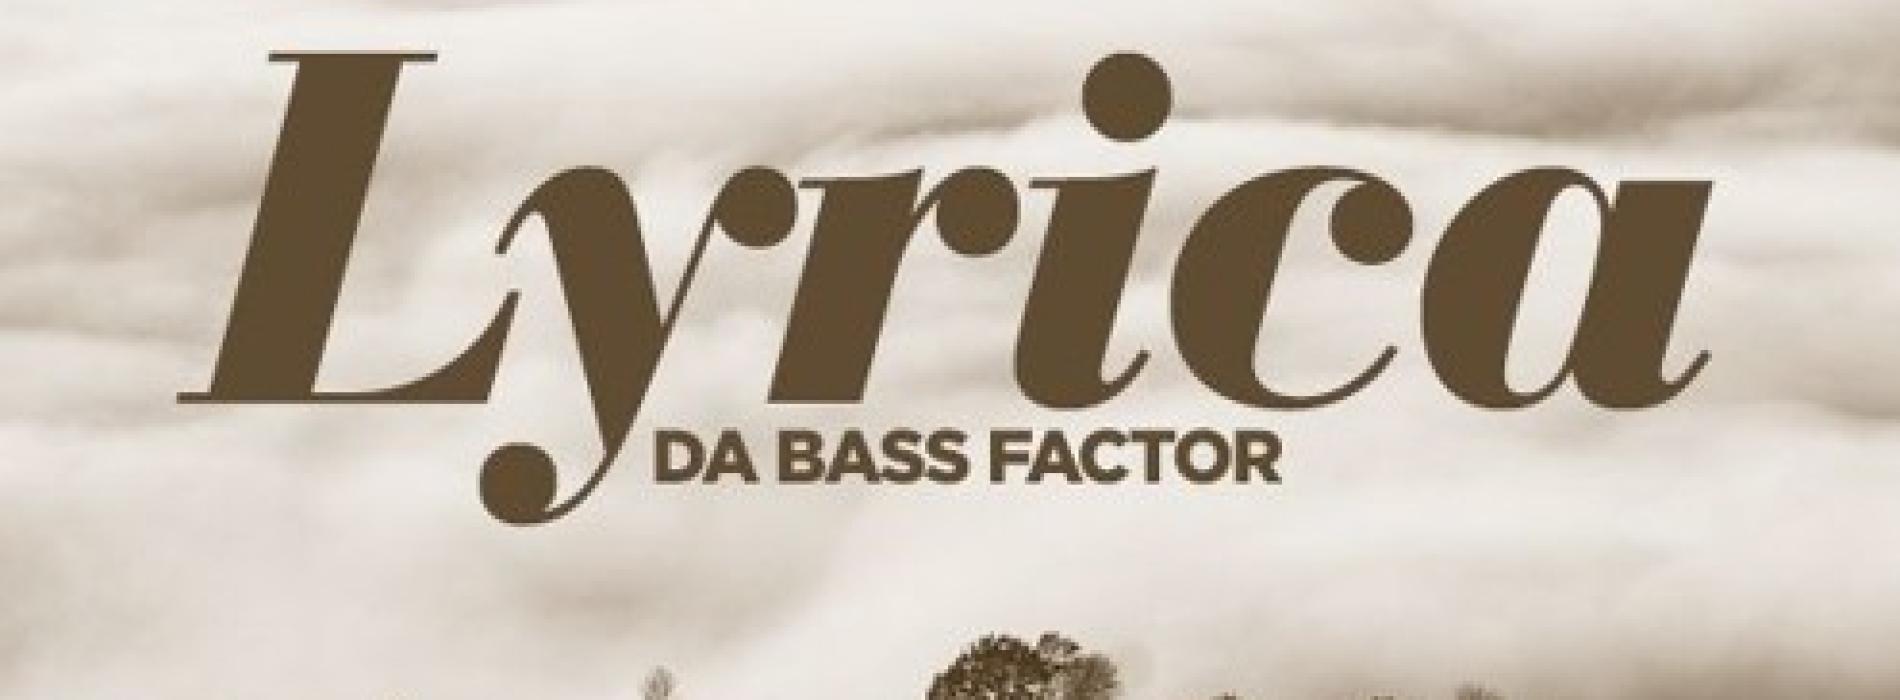 Da Bass Factor – Lyrica